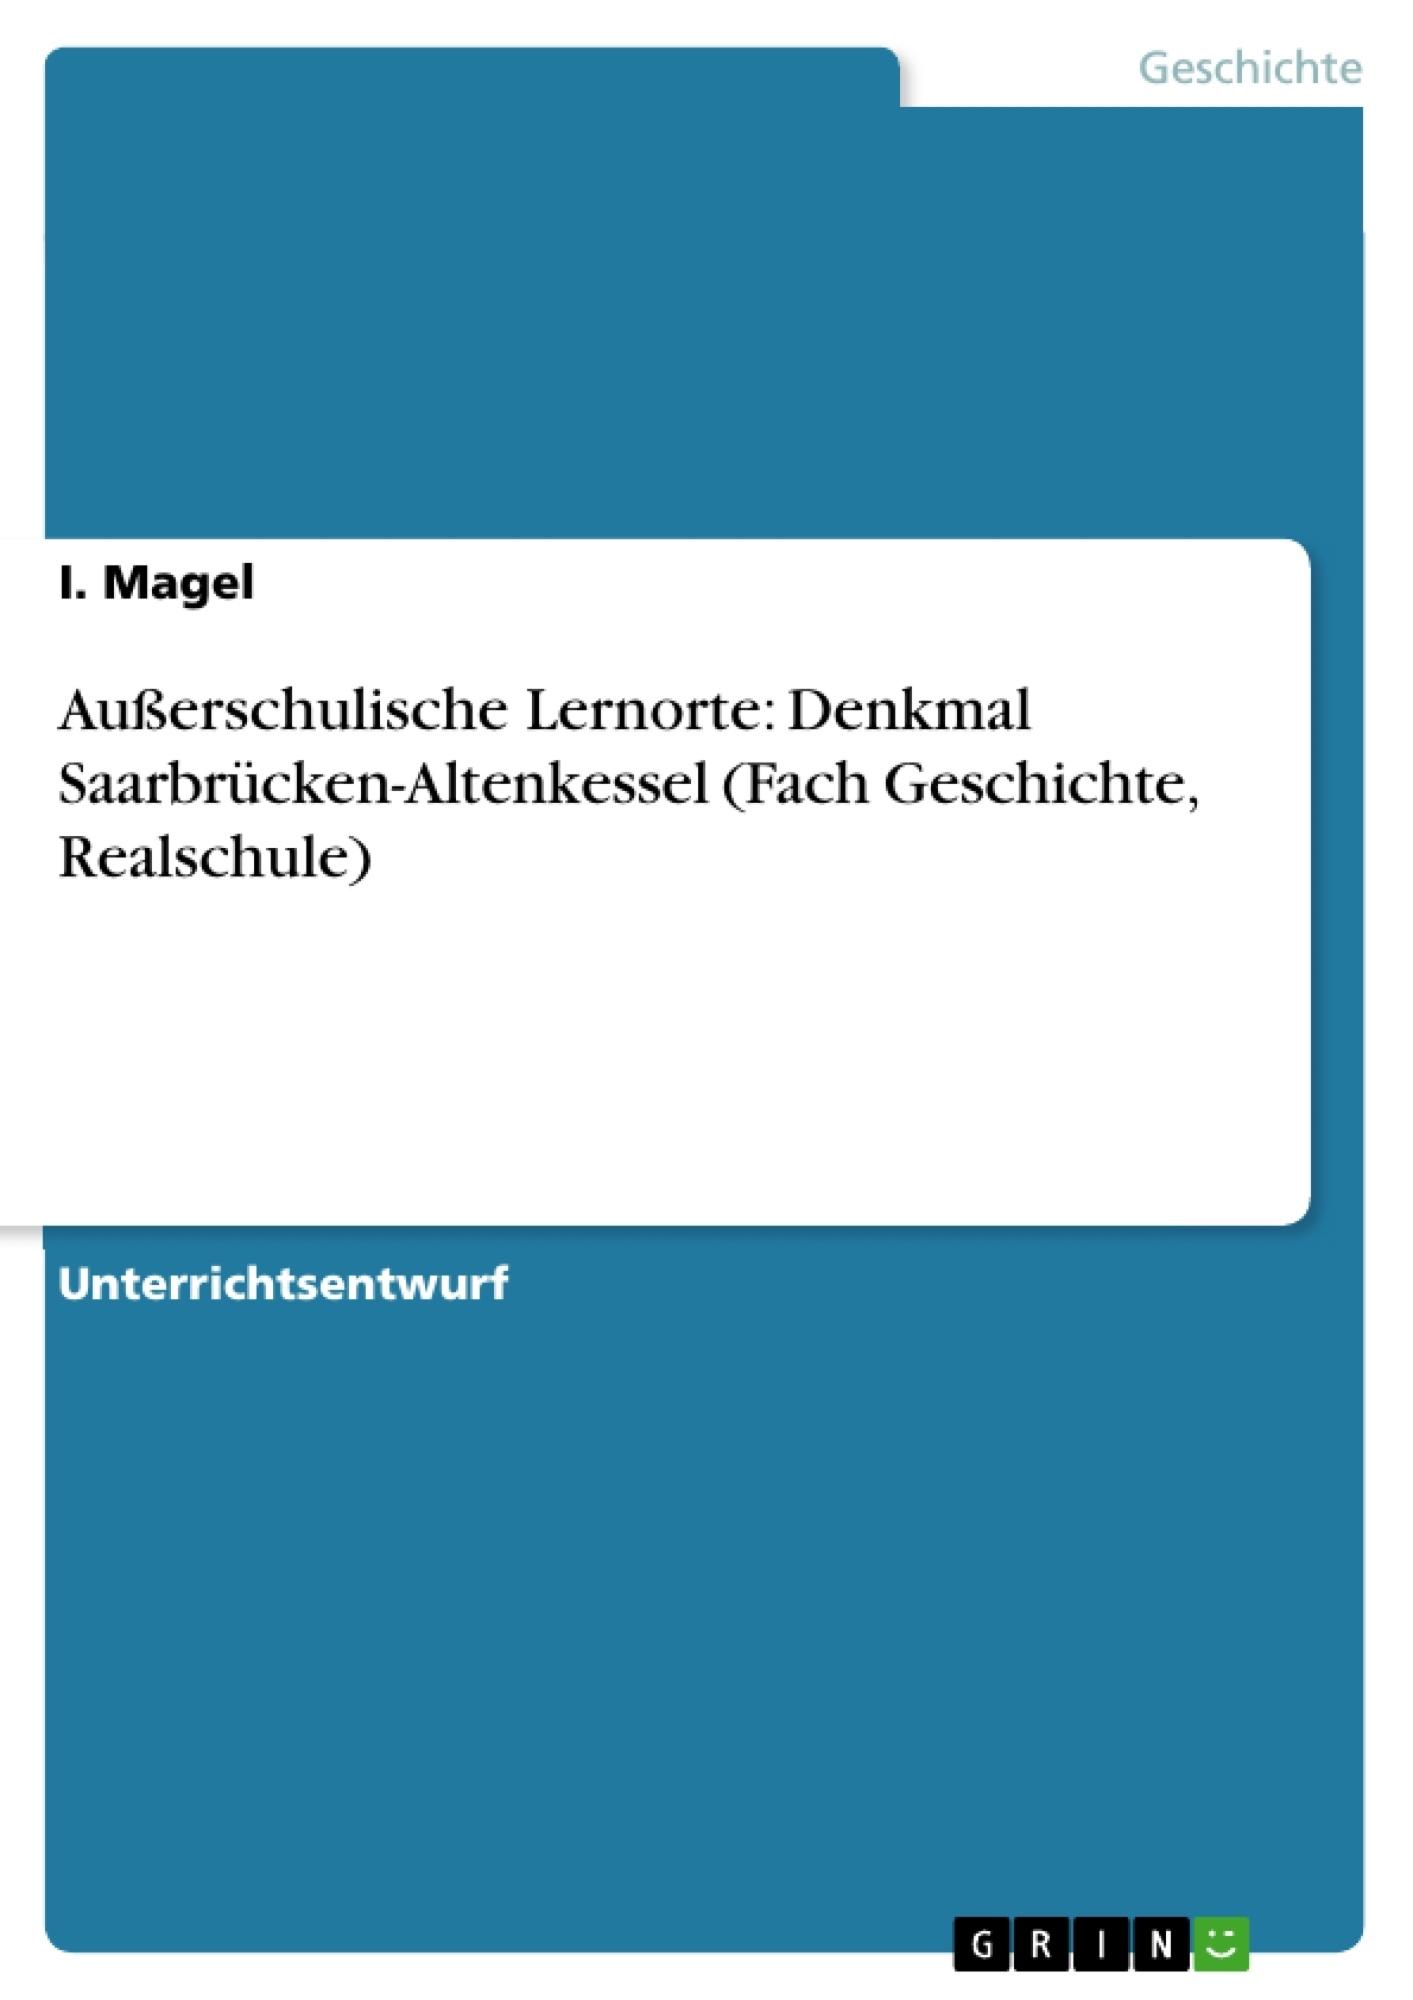 Titel: Außerschulische Lernorte: Denkmal Saarbrücken-Altenkessel (Fach Geschichte, Realschule)